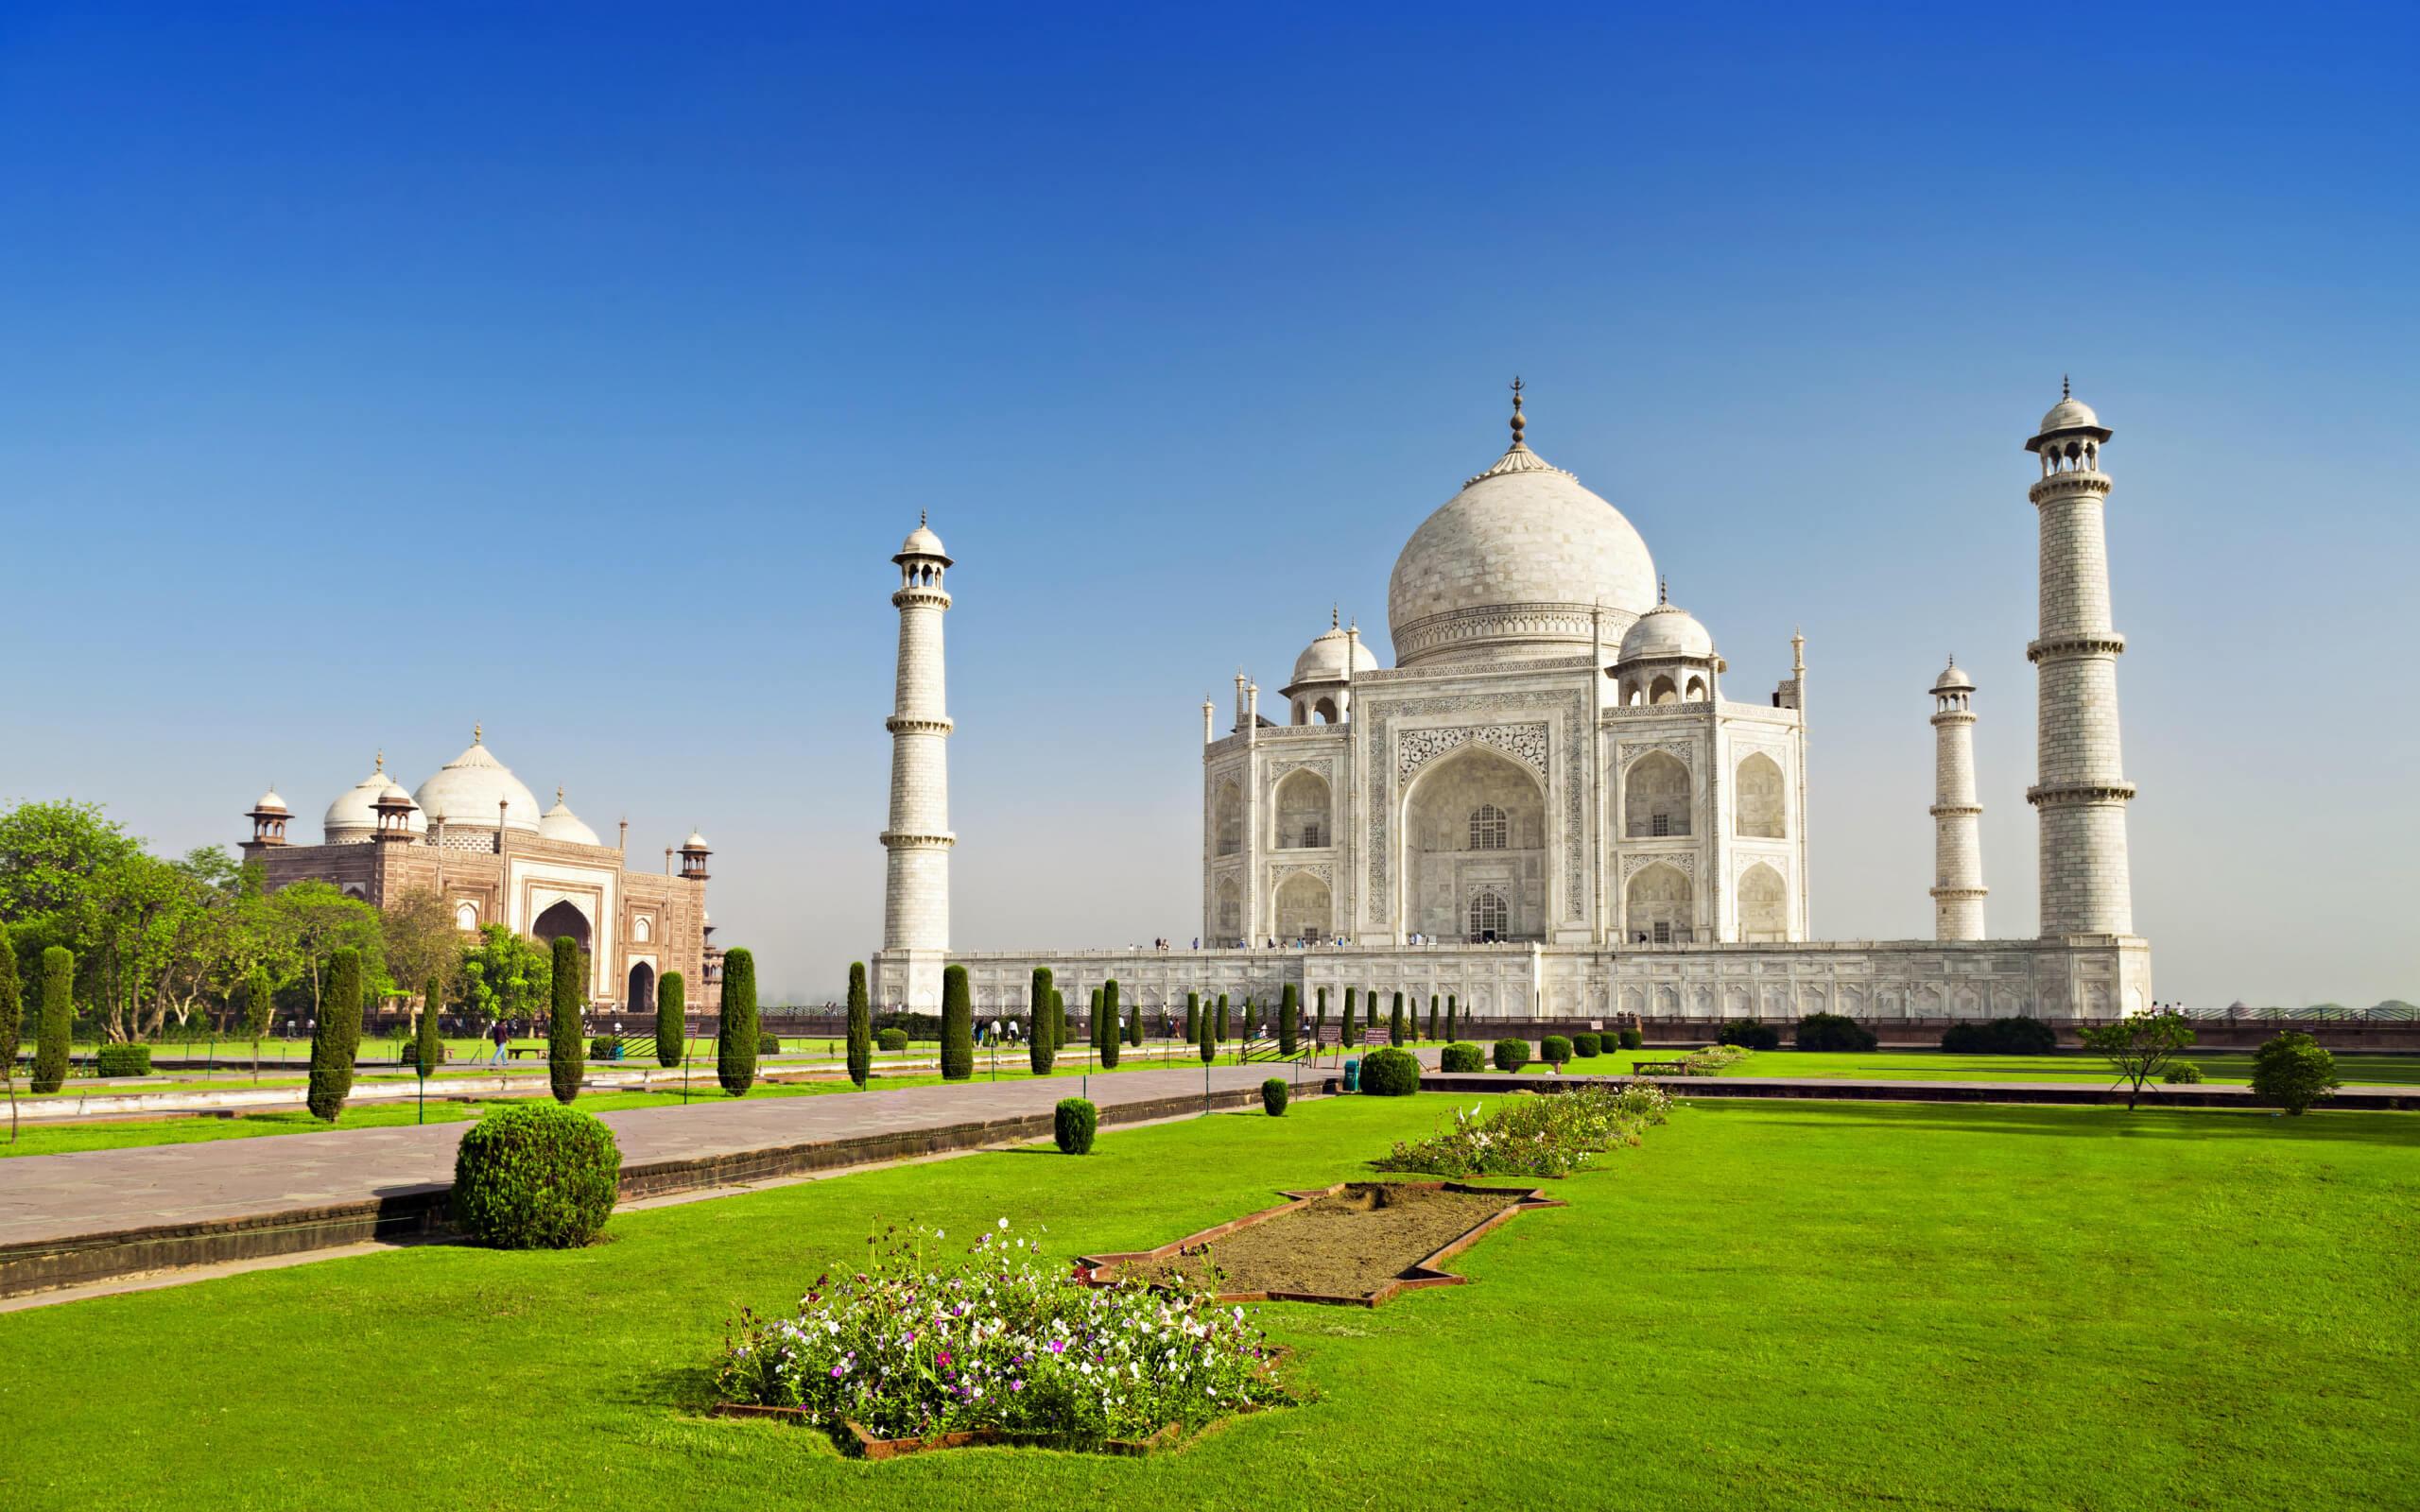 Где находится тадж махал — мавзолей в индии с древней историей создания, чудо света